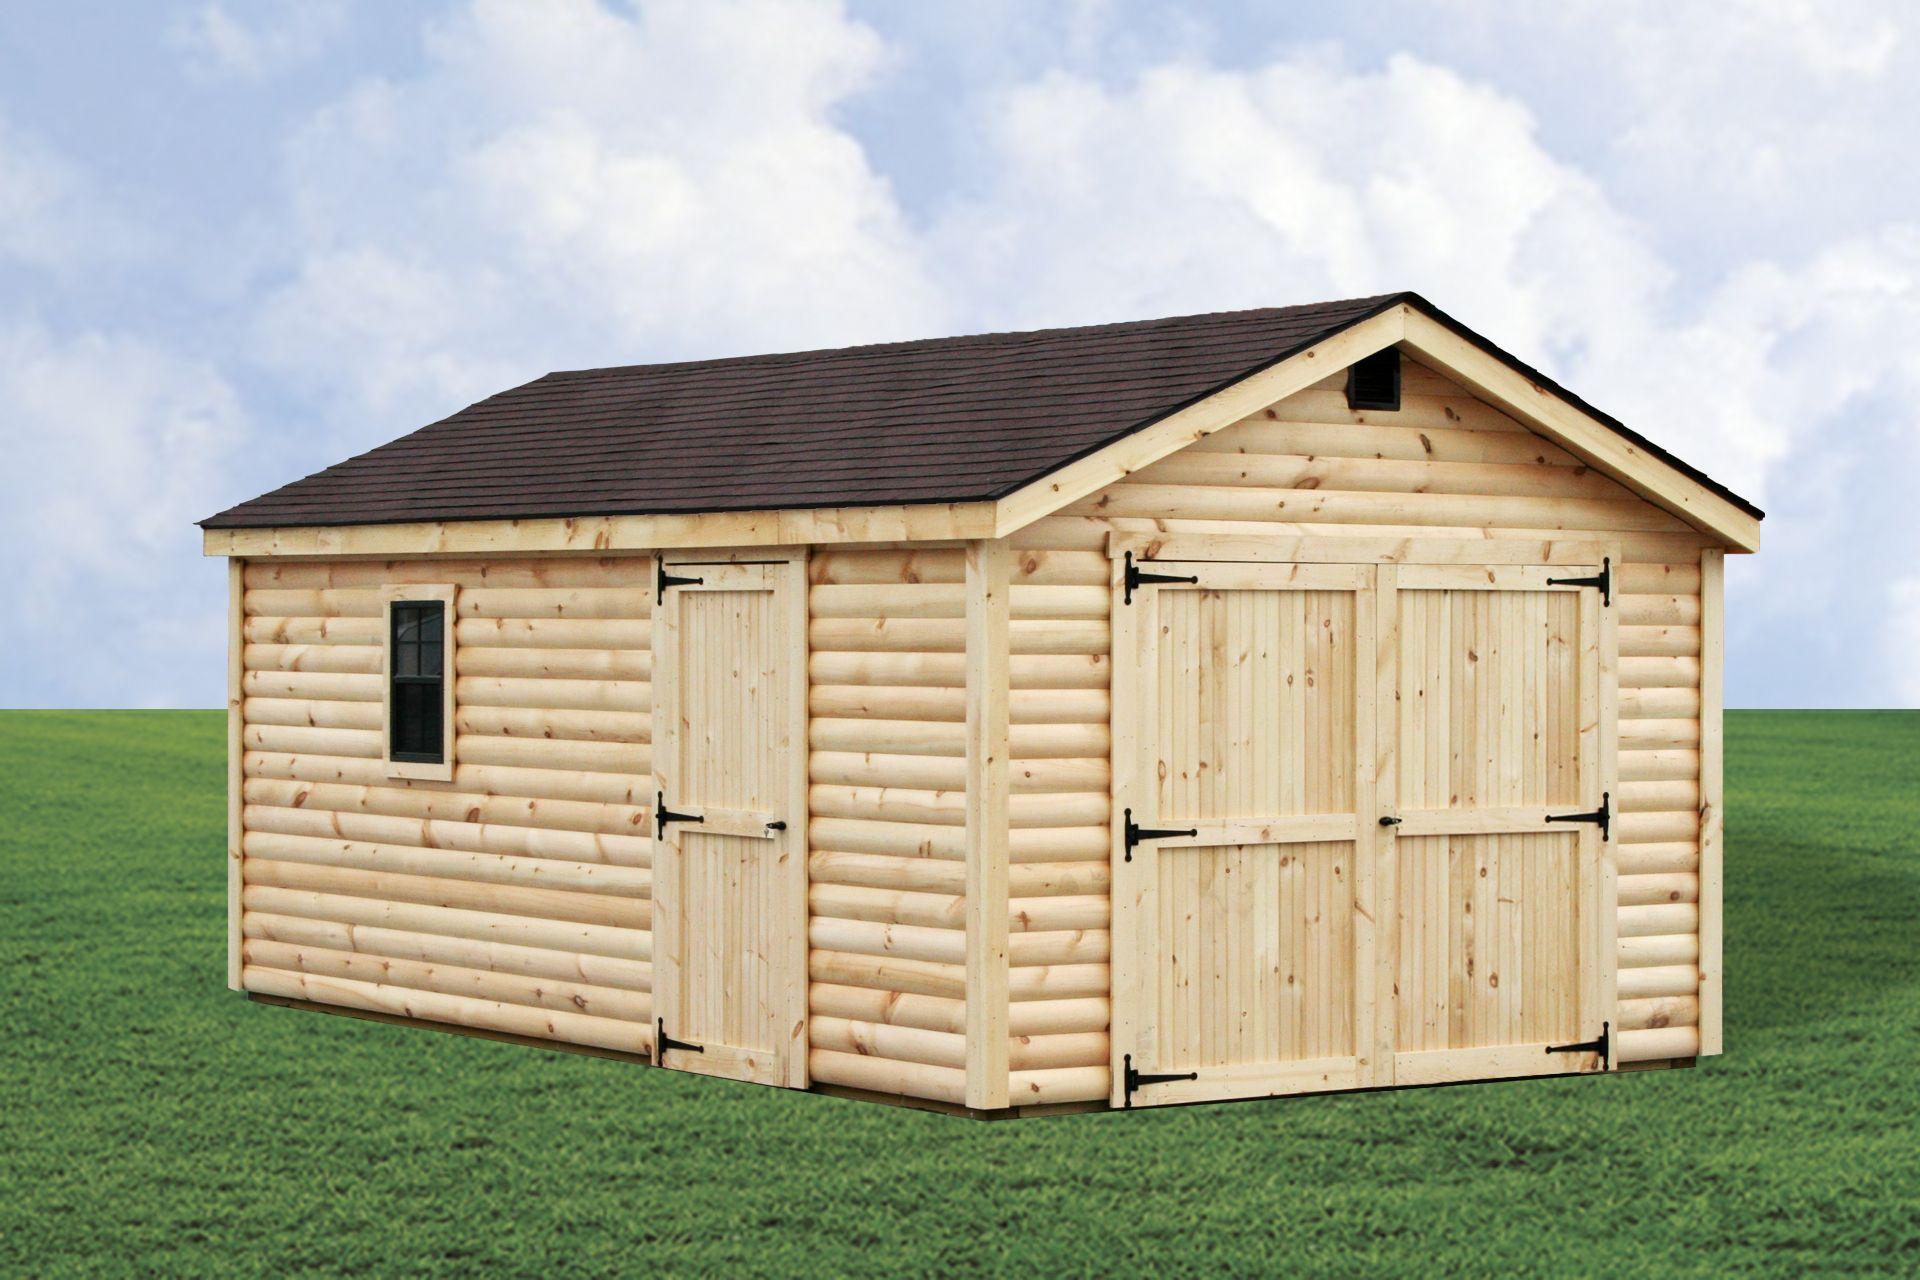 Chicken Coops Horse Barns Storage Sheds Garages Gazebos Shed Horse Barns Log Siding